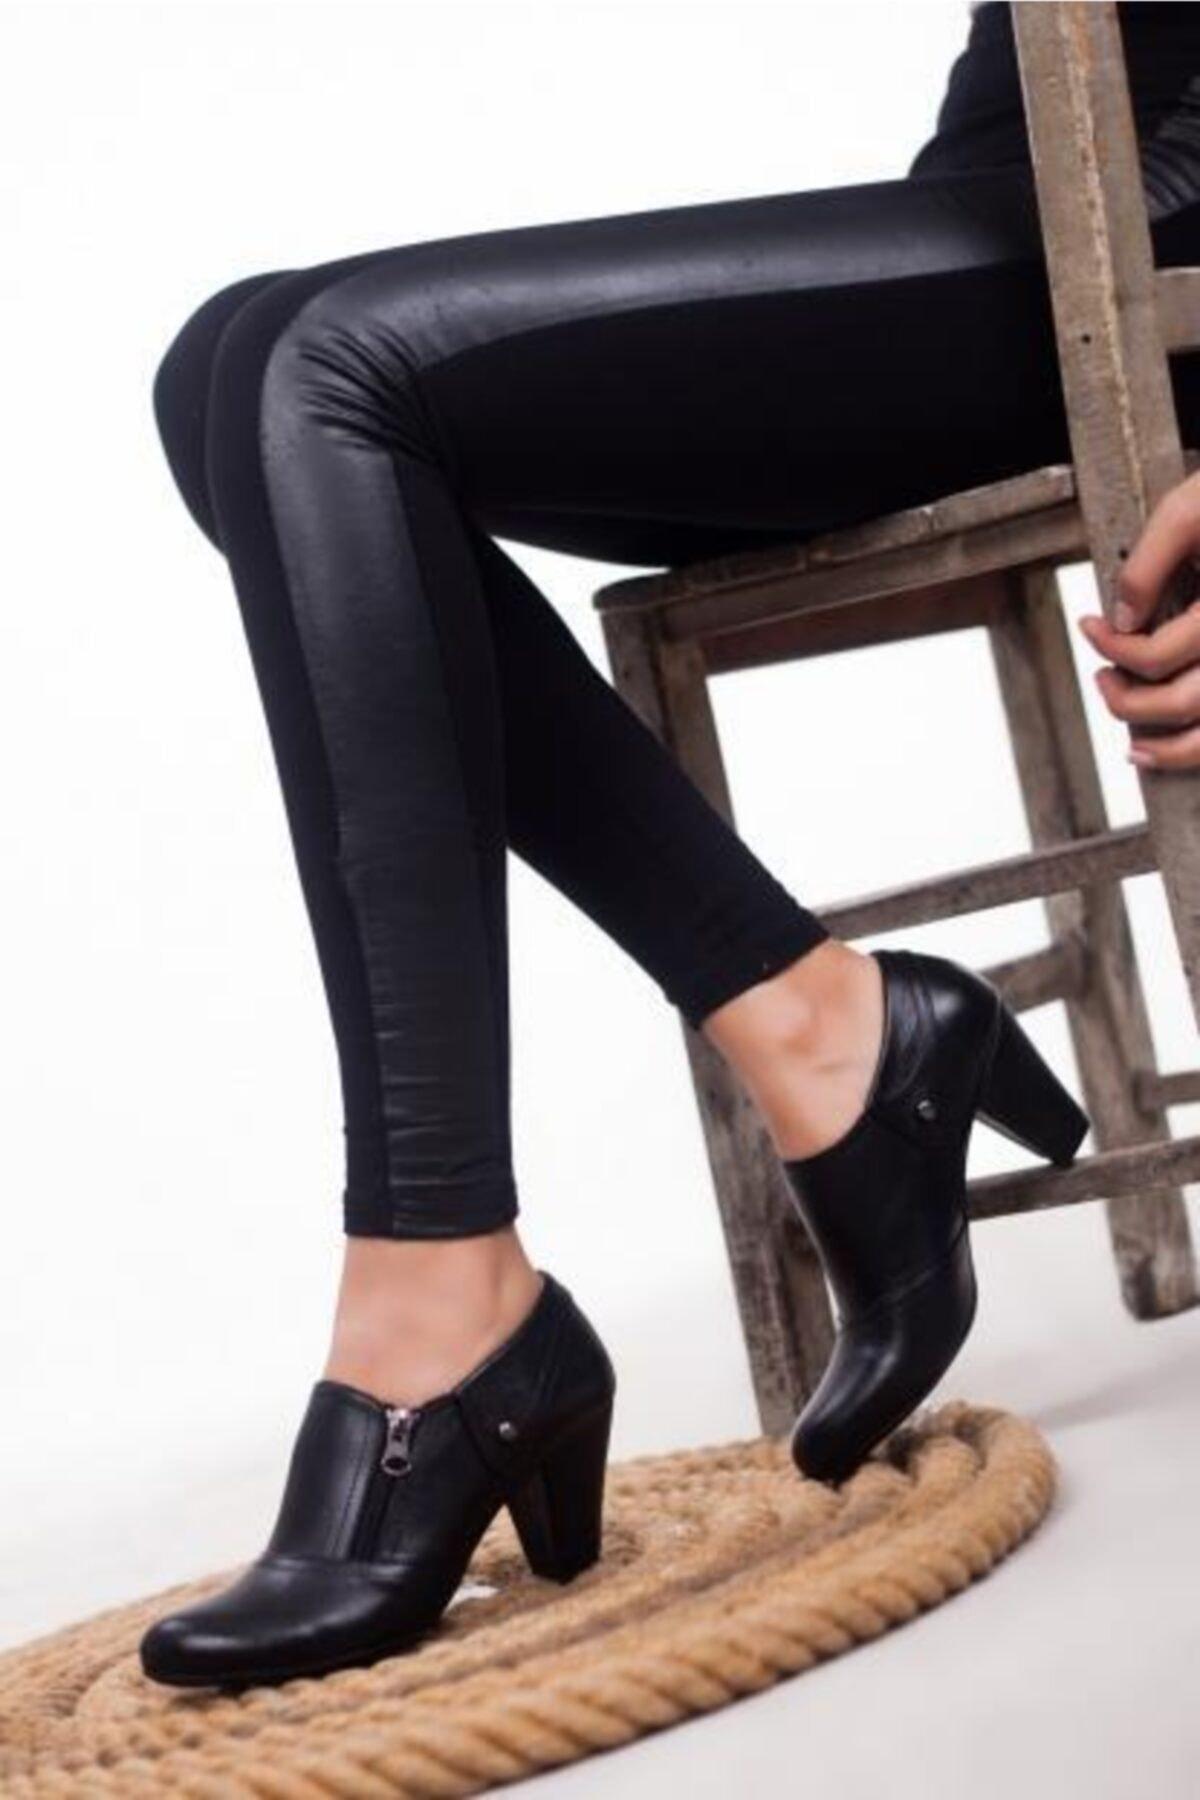 Hakiki Deri Siyah Kadın Topuklu Deri Ayakkabı Trc-1069